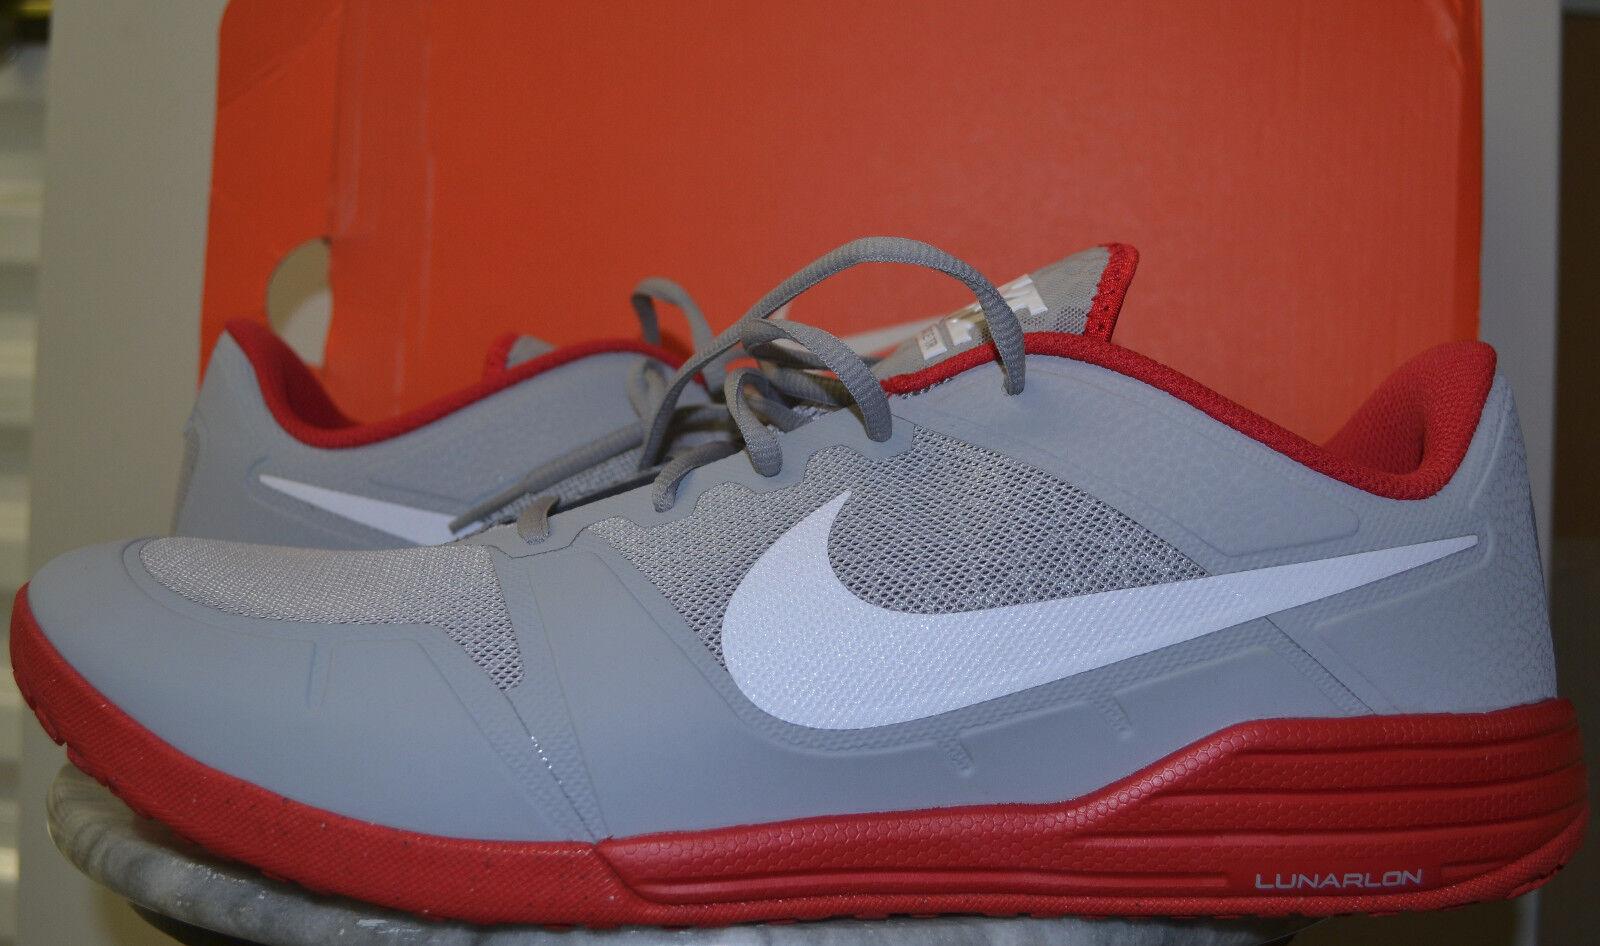 Nike sb dimensioni 6 stefan janoski air max metà dello skateboard casual scarpe blu